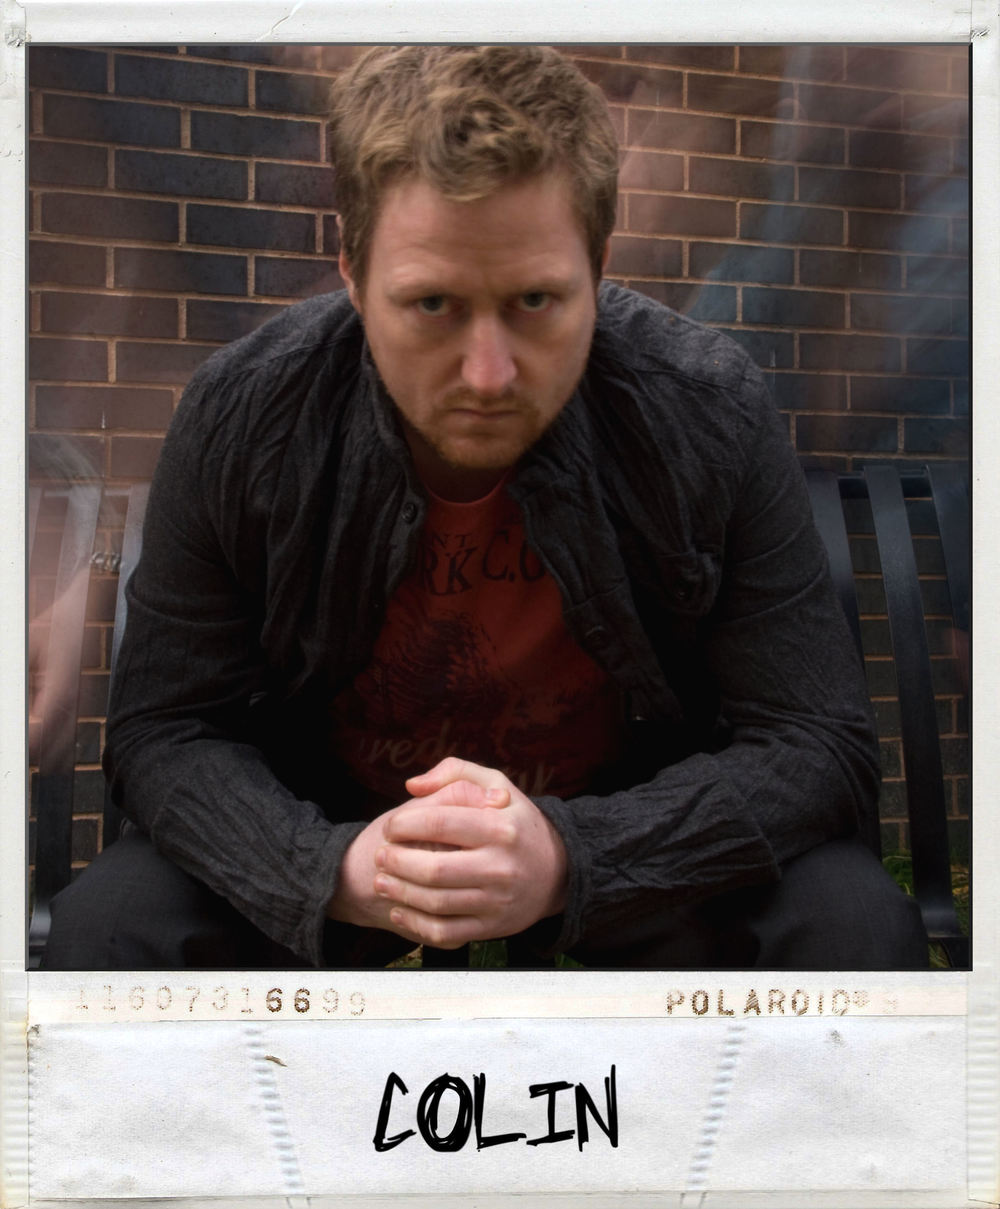 Colin.jpg